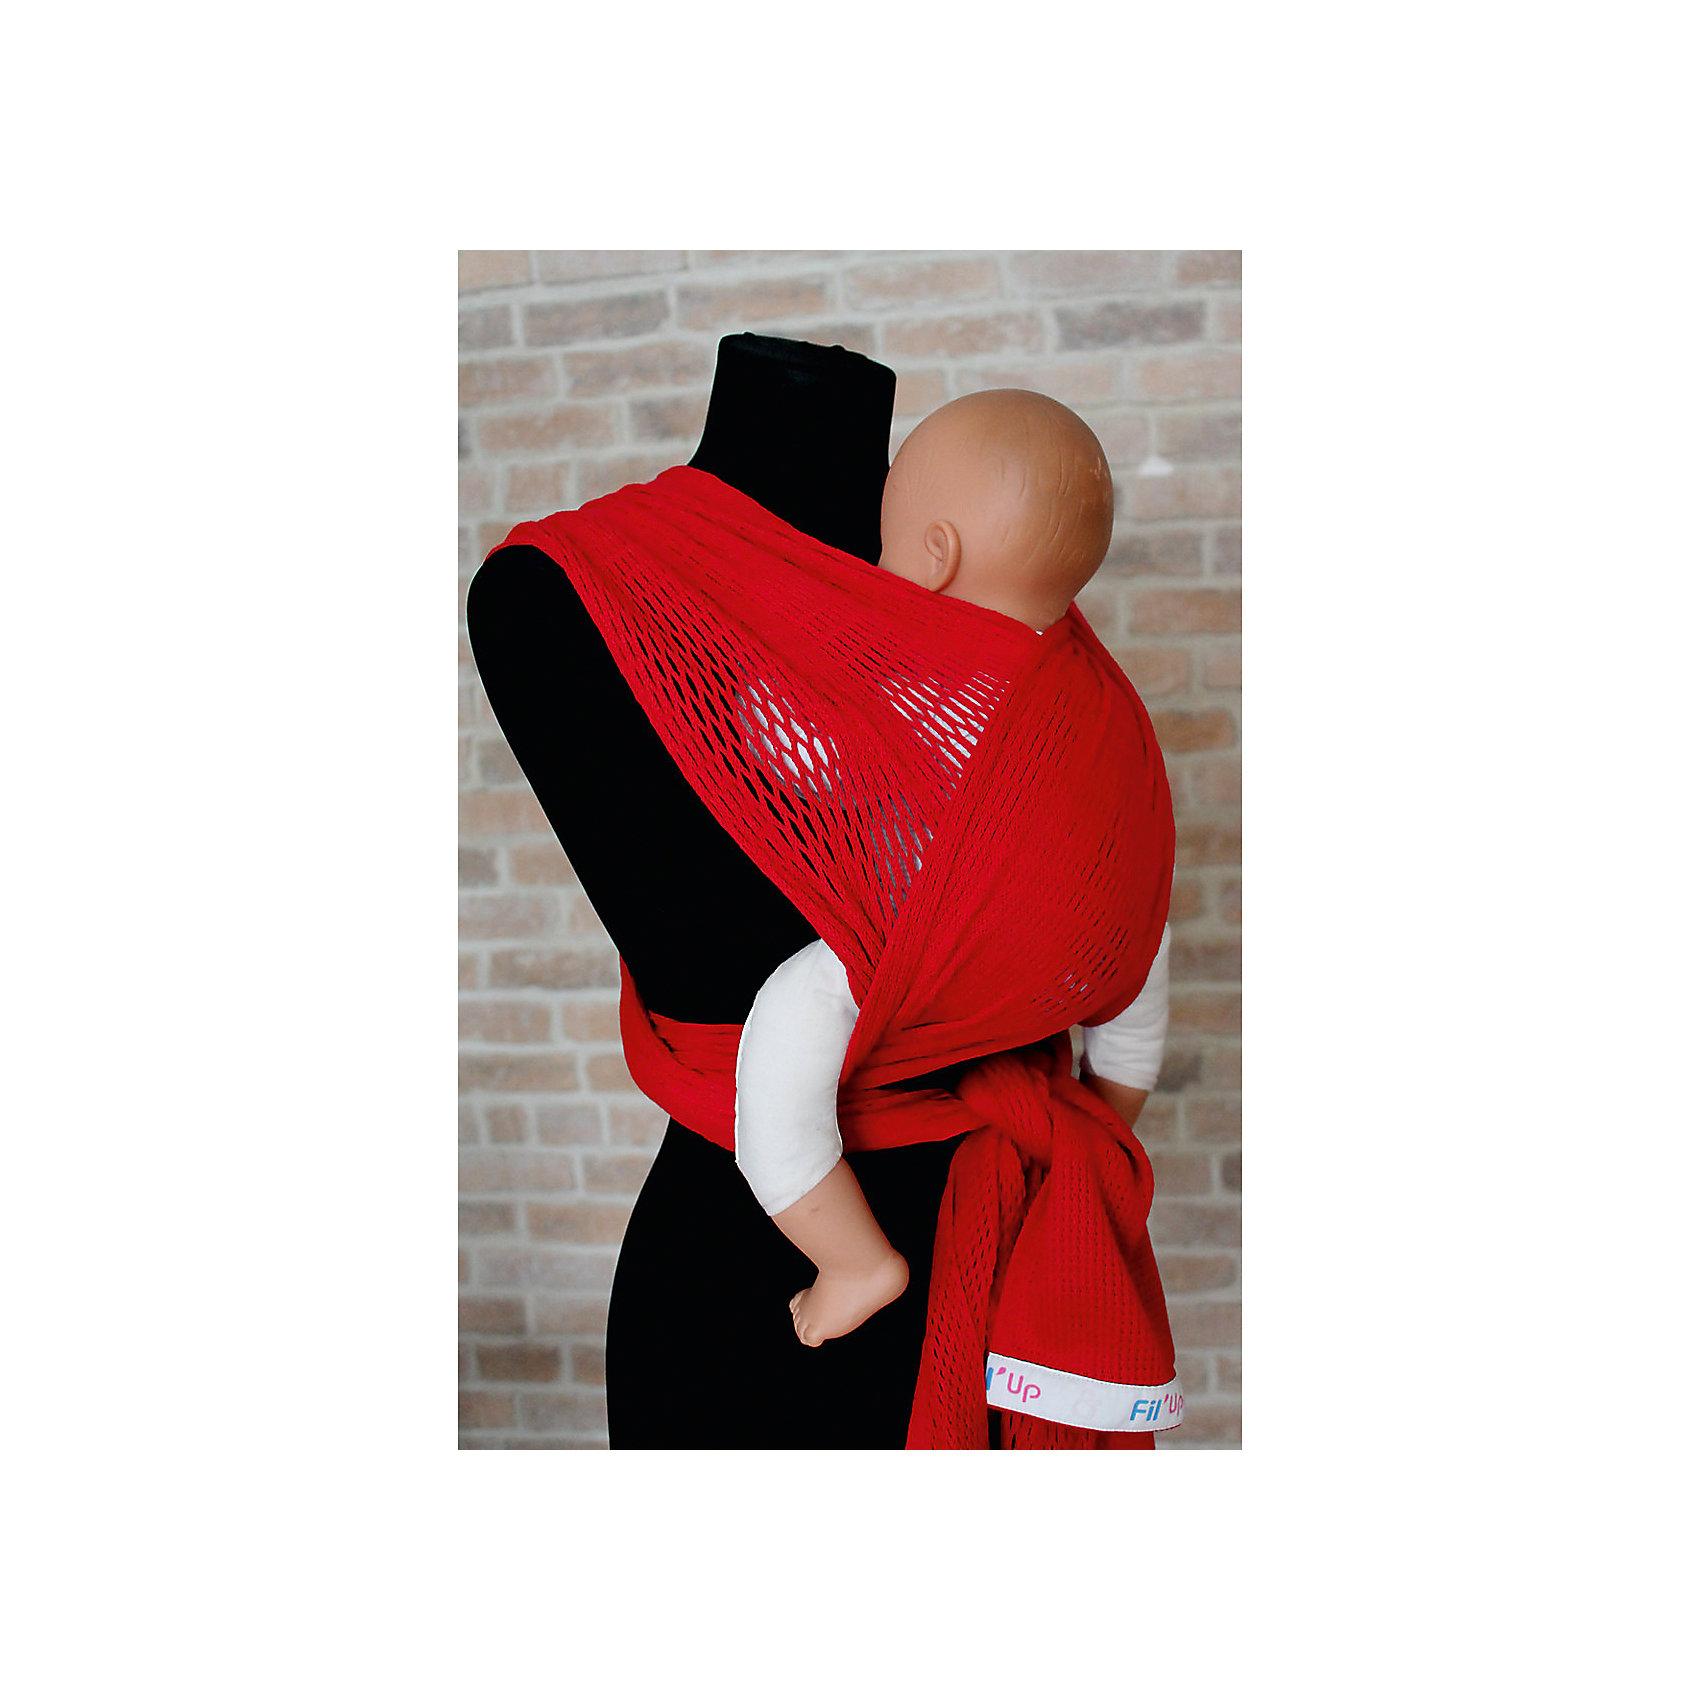 Слинг-шарф из хлопка плетеный размер l-xl, Филап, Filt, красныйСлинги и рюкзаки-переноски<br><br><br>Ширина мм: 800<br>Глубина мм: 800<br>Высота мм: 50<br>Вес г: 500<br>Возраст от месяцев: 0<br>Возраст до месяцев: 12<br>Пол: Унисекс<br>Возраст: Детский<br>SKU: 5445089